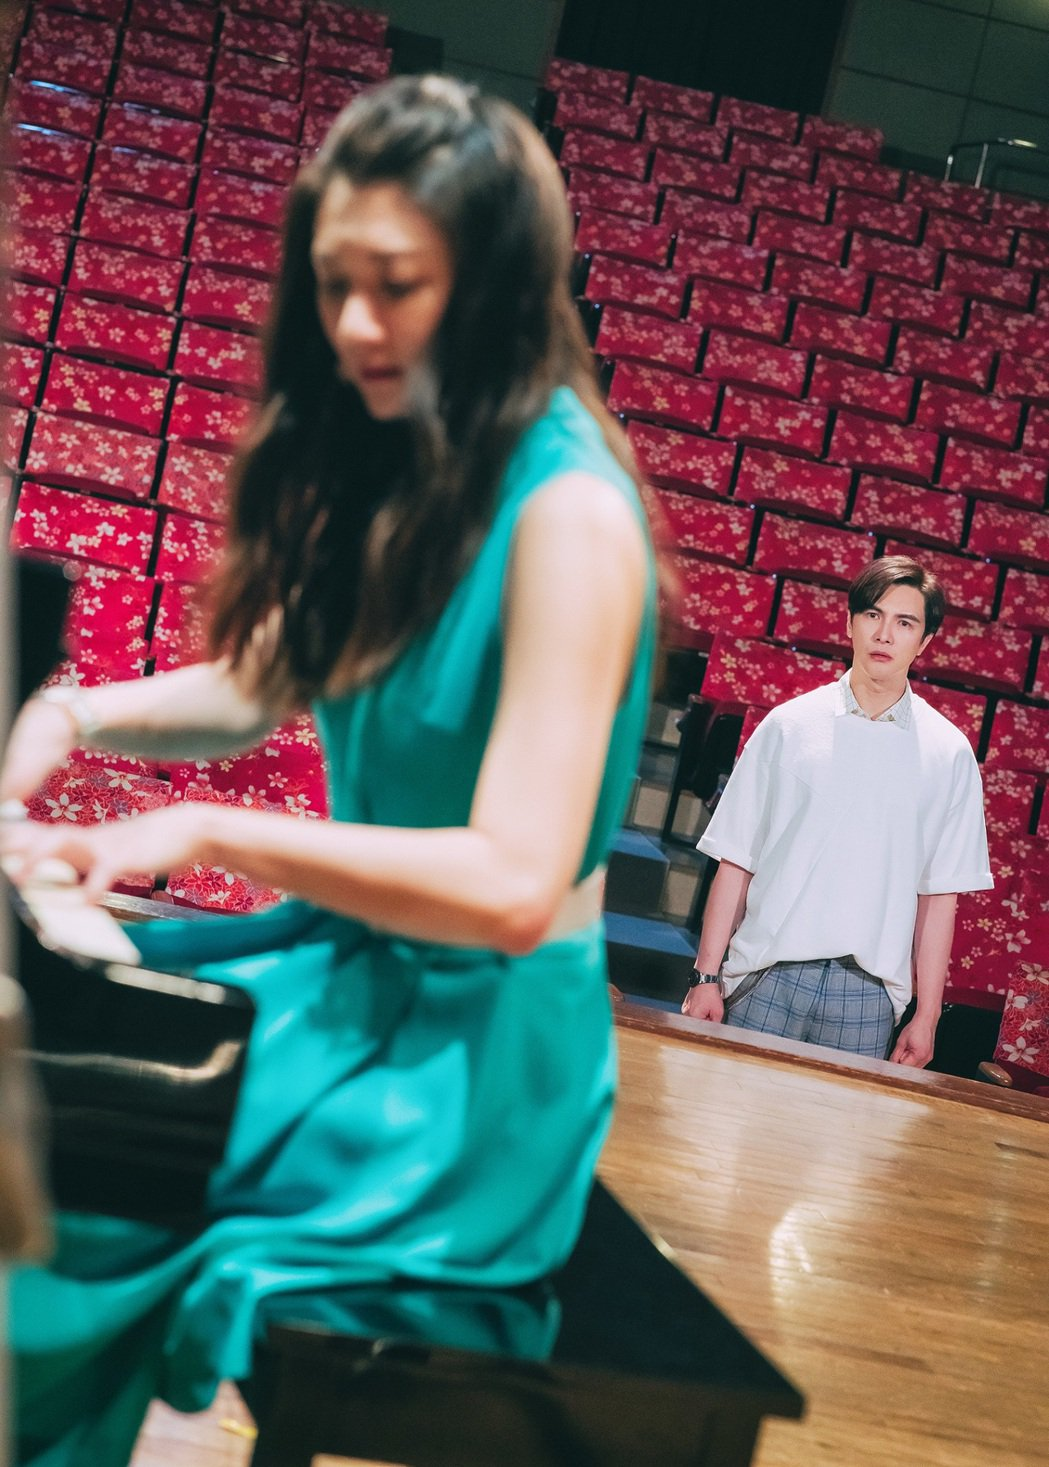 林逸欣(左)在戲中飾演謝佳見的前妻,因心有不甘而頻搞破壞。圖/東森提供